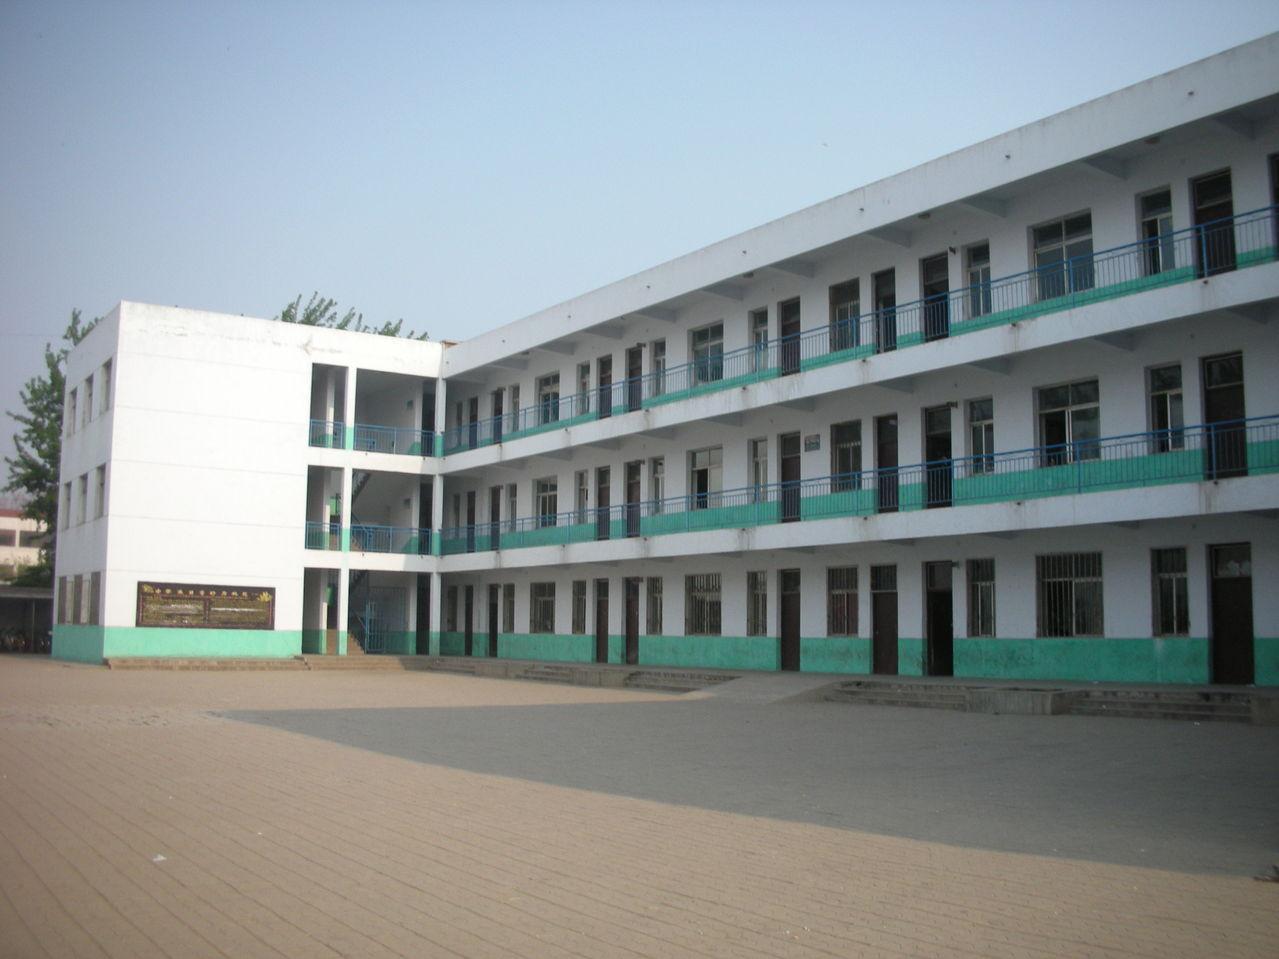 广平县第一中学 遵义县第一中学 郸城县第一高级中学图片